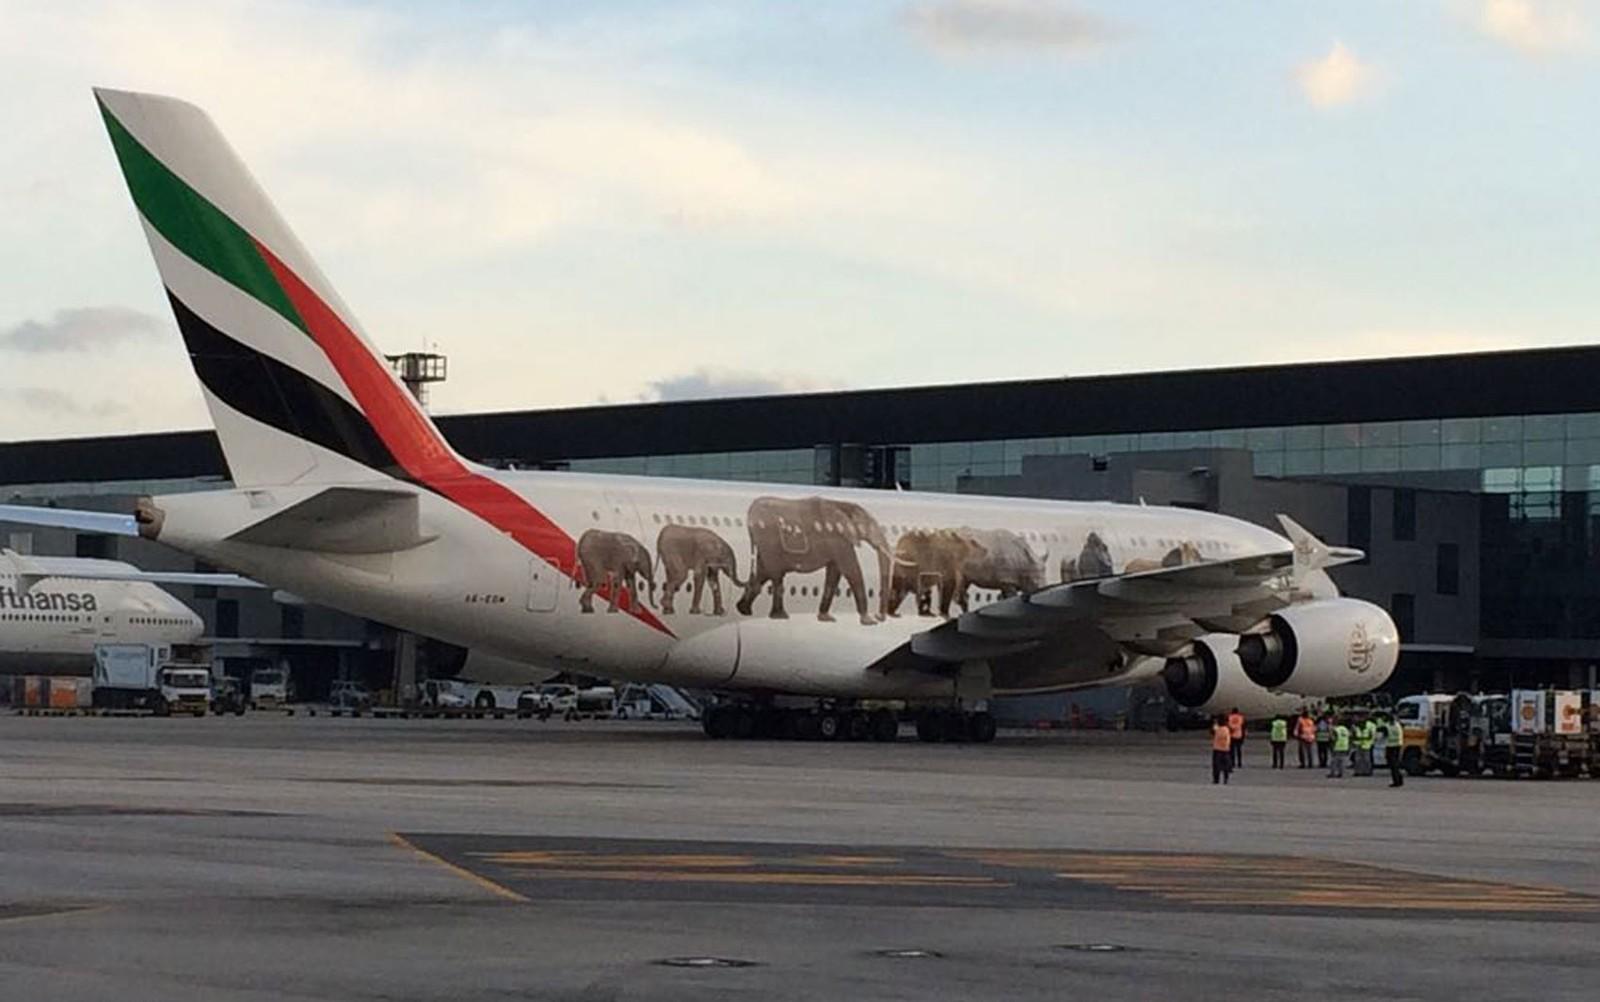 [Brasil] A380, maior avião comercial do mundo, aterrissa em Guarulhos e recebe 'batismo'; veja vídeo A380